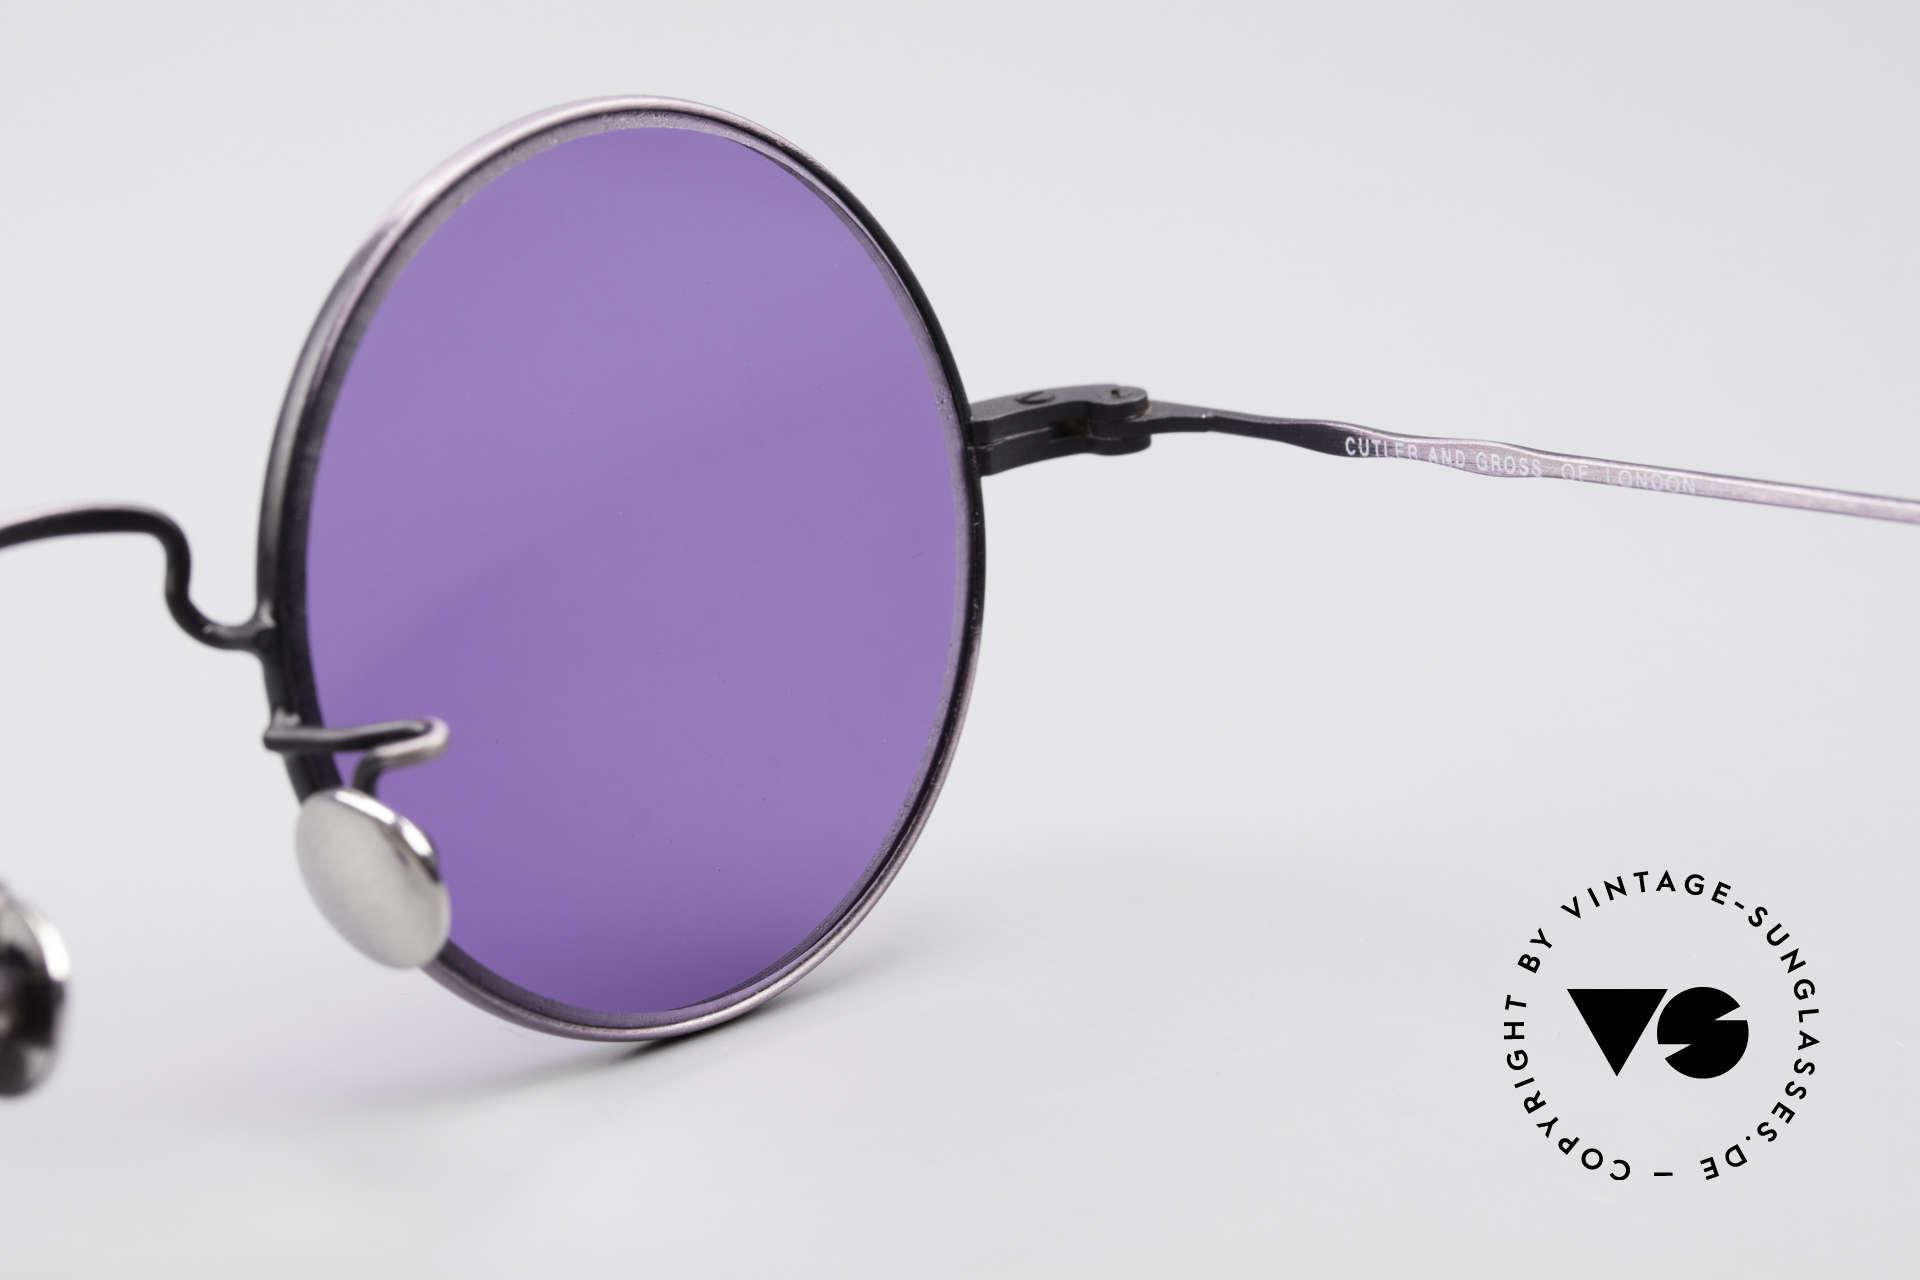 Cutler And Gross 0408 Runde Designer Vintage Brille, KEINE Retrobrille, sondern ein 20 Jahre altes Original!, Passend für Herren und Damen